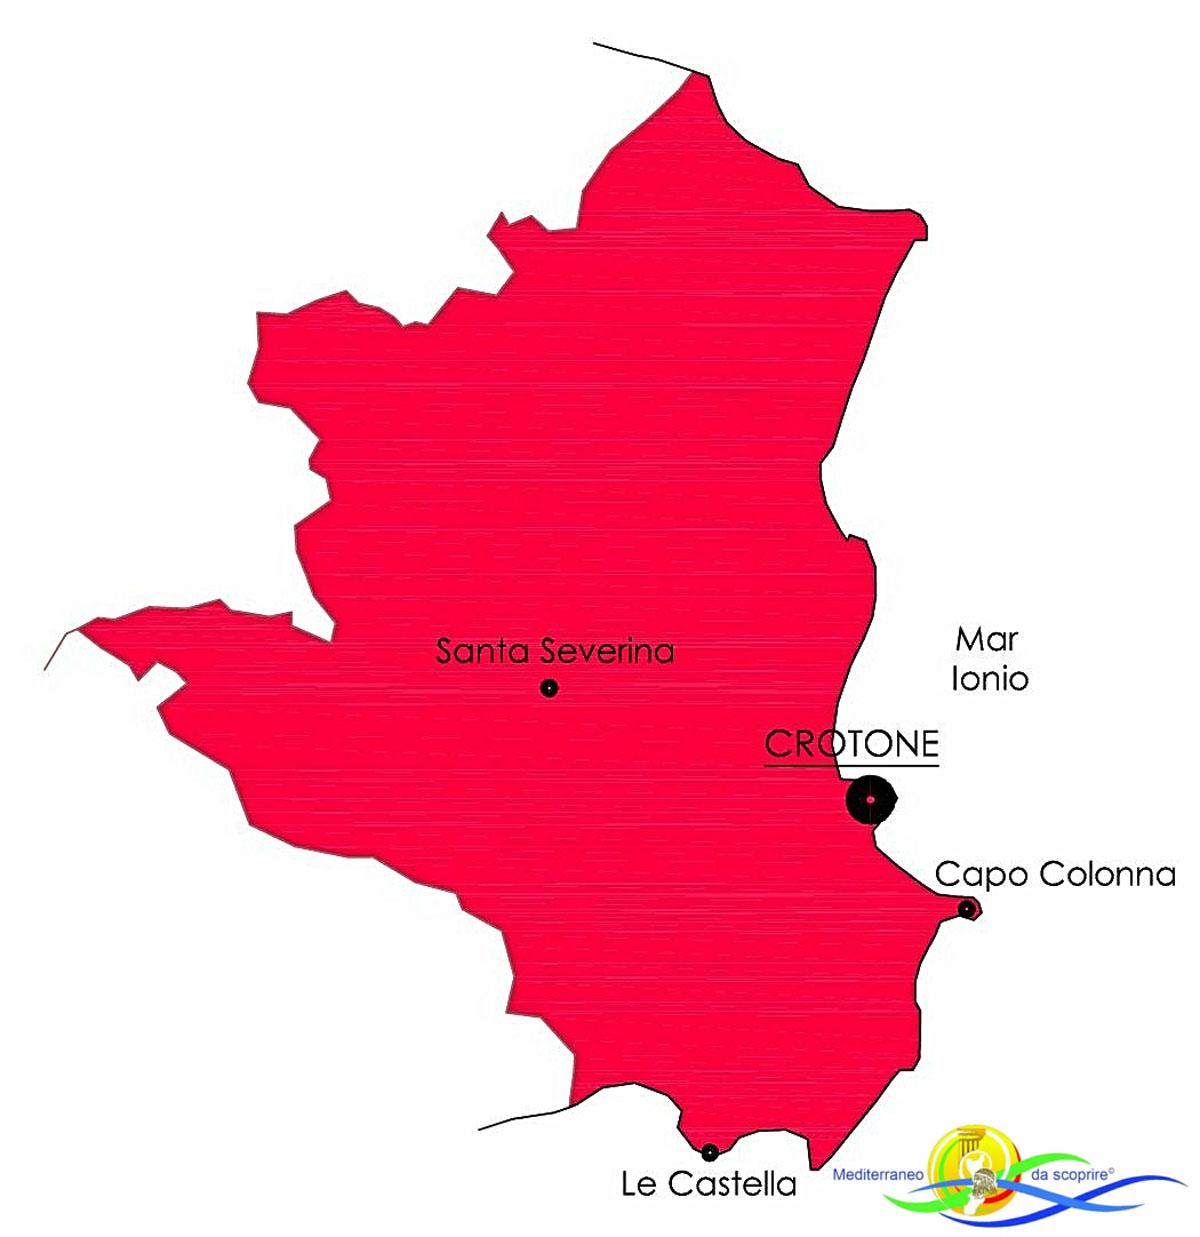 Mediterraneo da scoprire-Le-Castella-Capo-Colonna-Santa-Severina